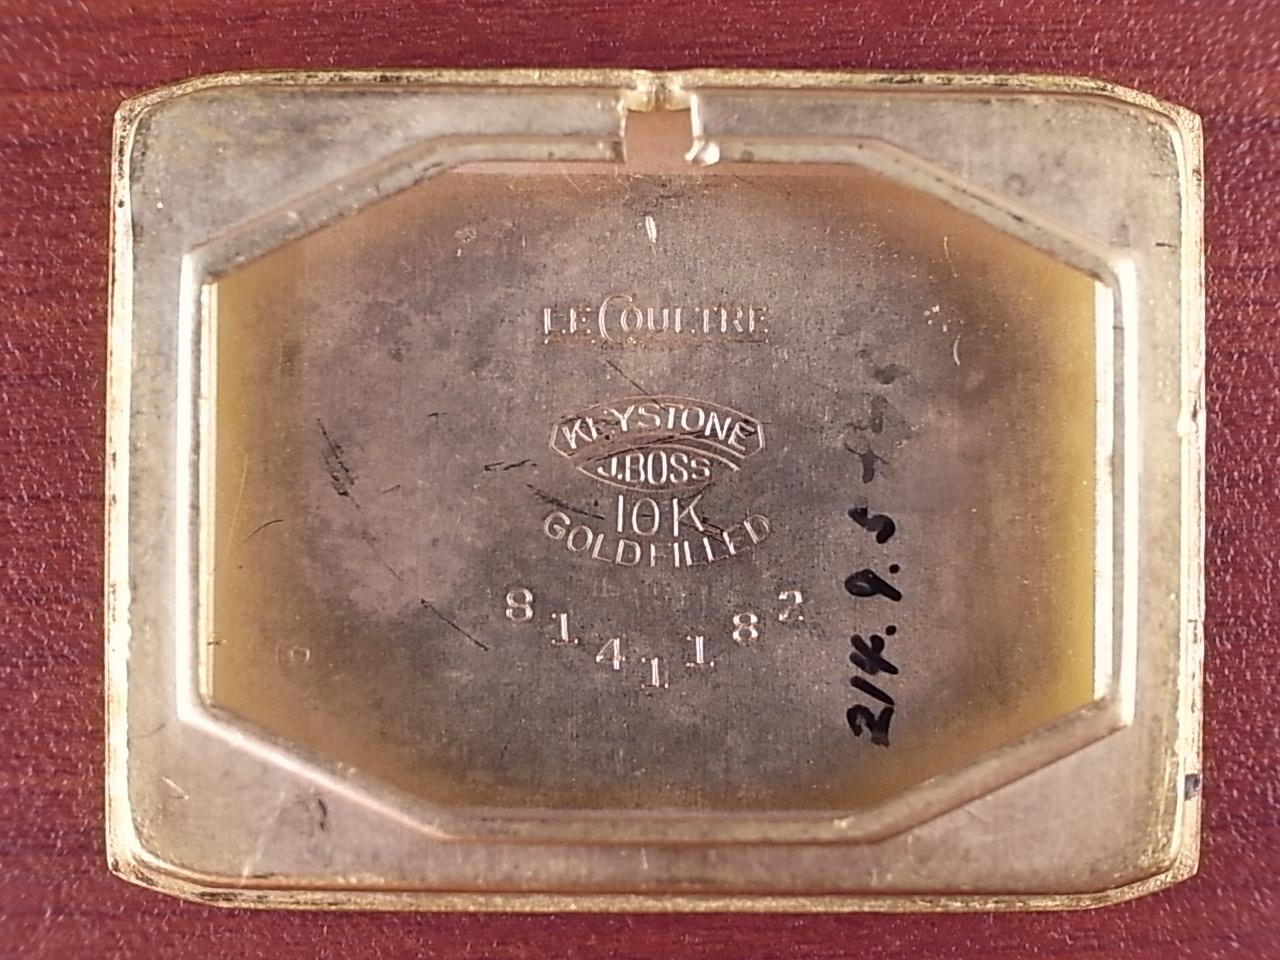 ルクルト トリプルカレンダームーンフェイズ レクタンギュラー 1940年代の写真6枚目